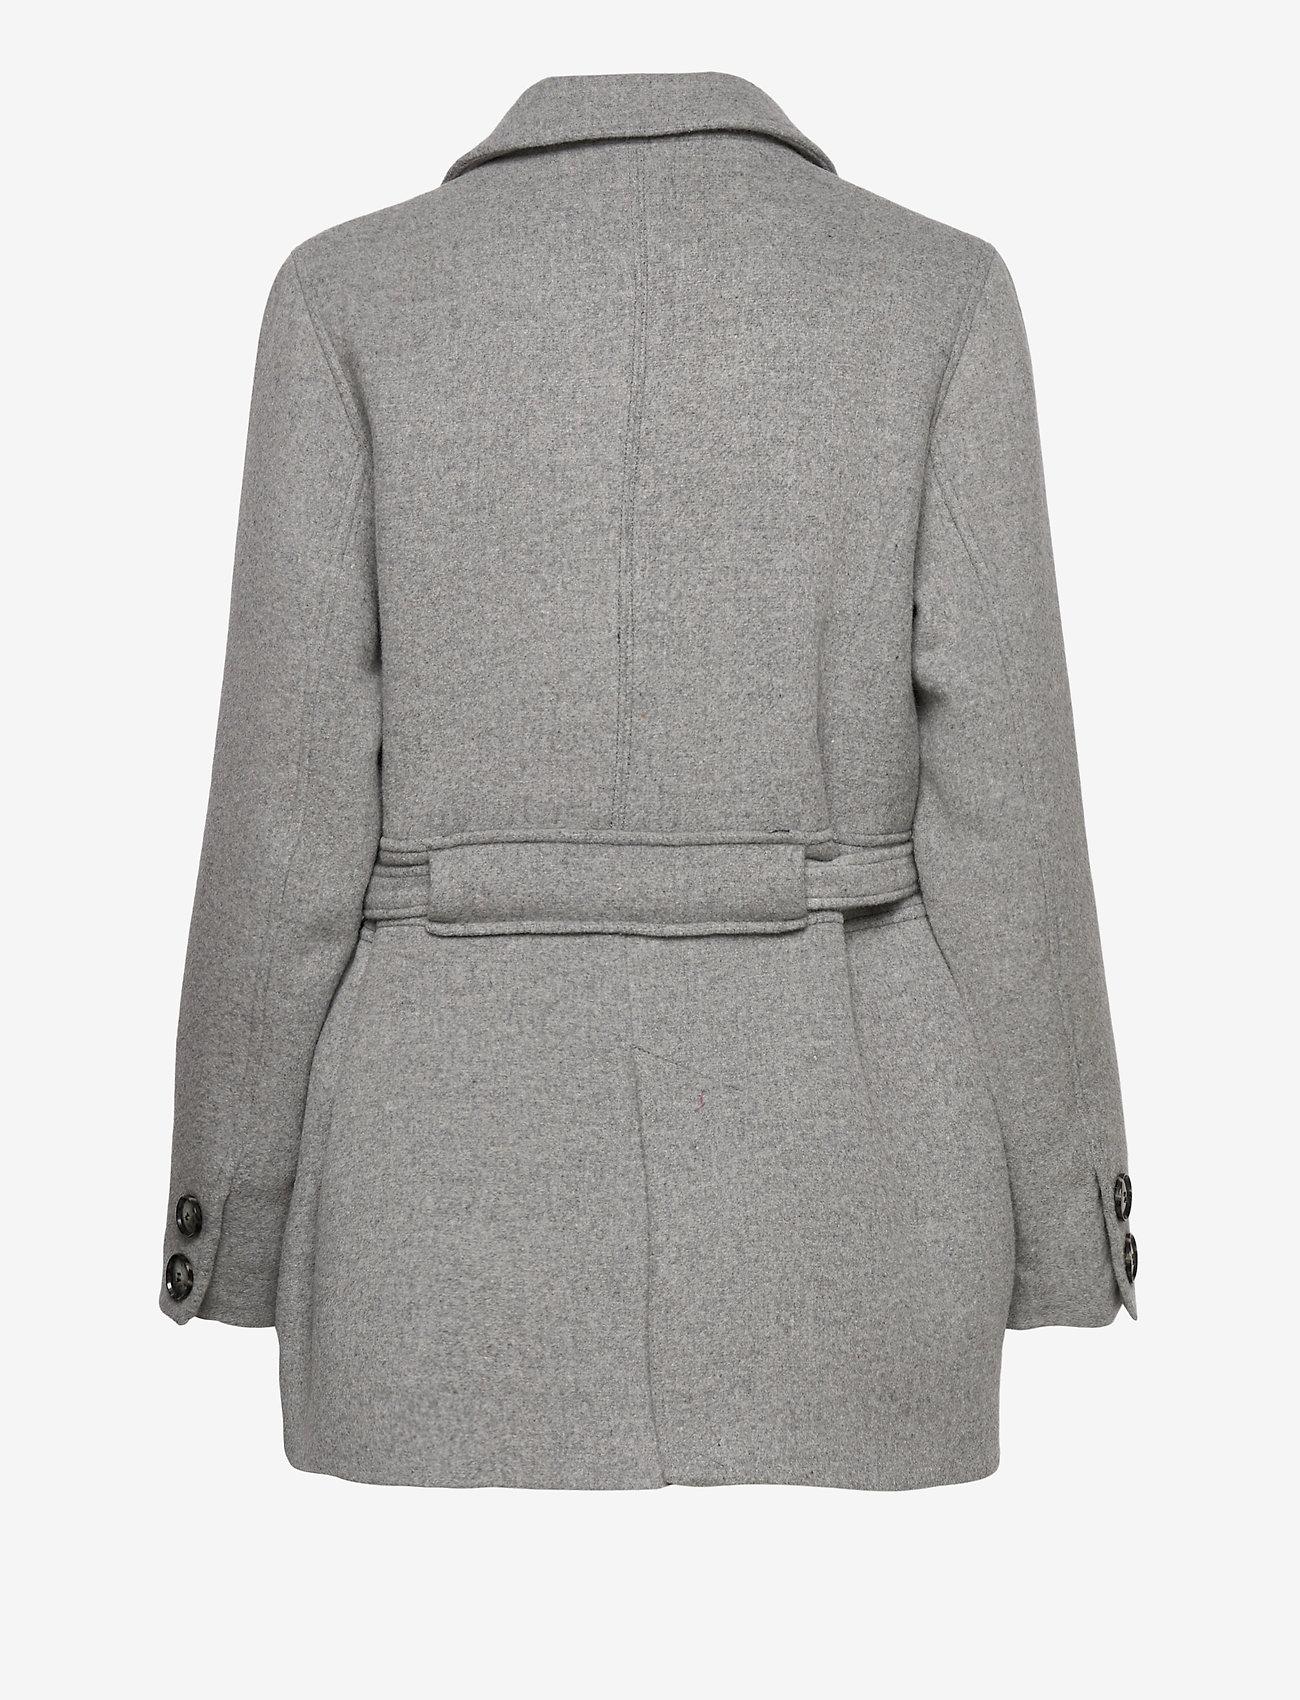 Fall Winter Spring Summer - Doo Wop - wool jackets - light gray - 1